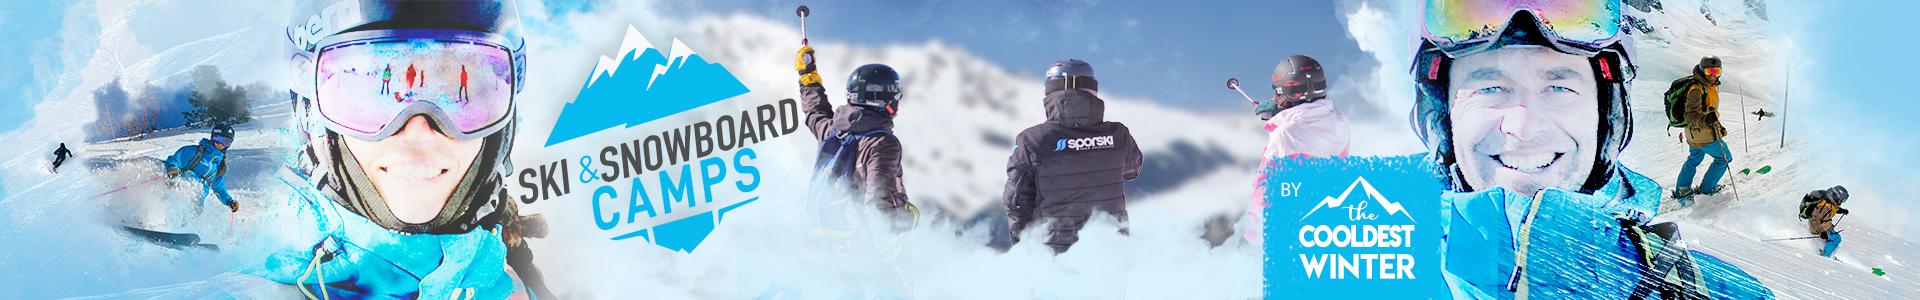 /destaques/ski-and-snow-progression-camp/261